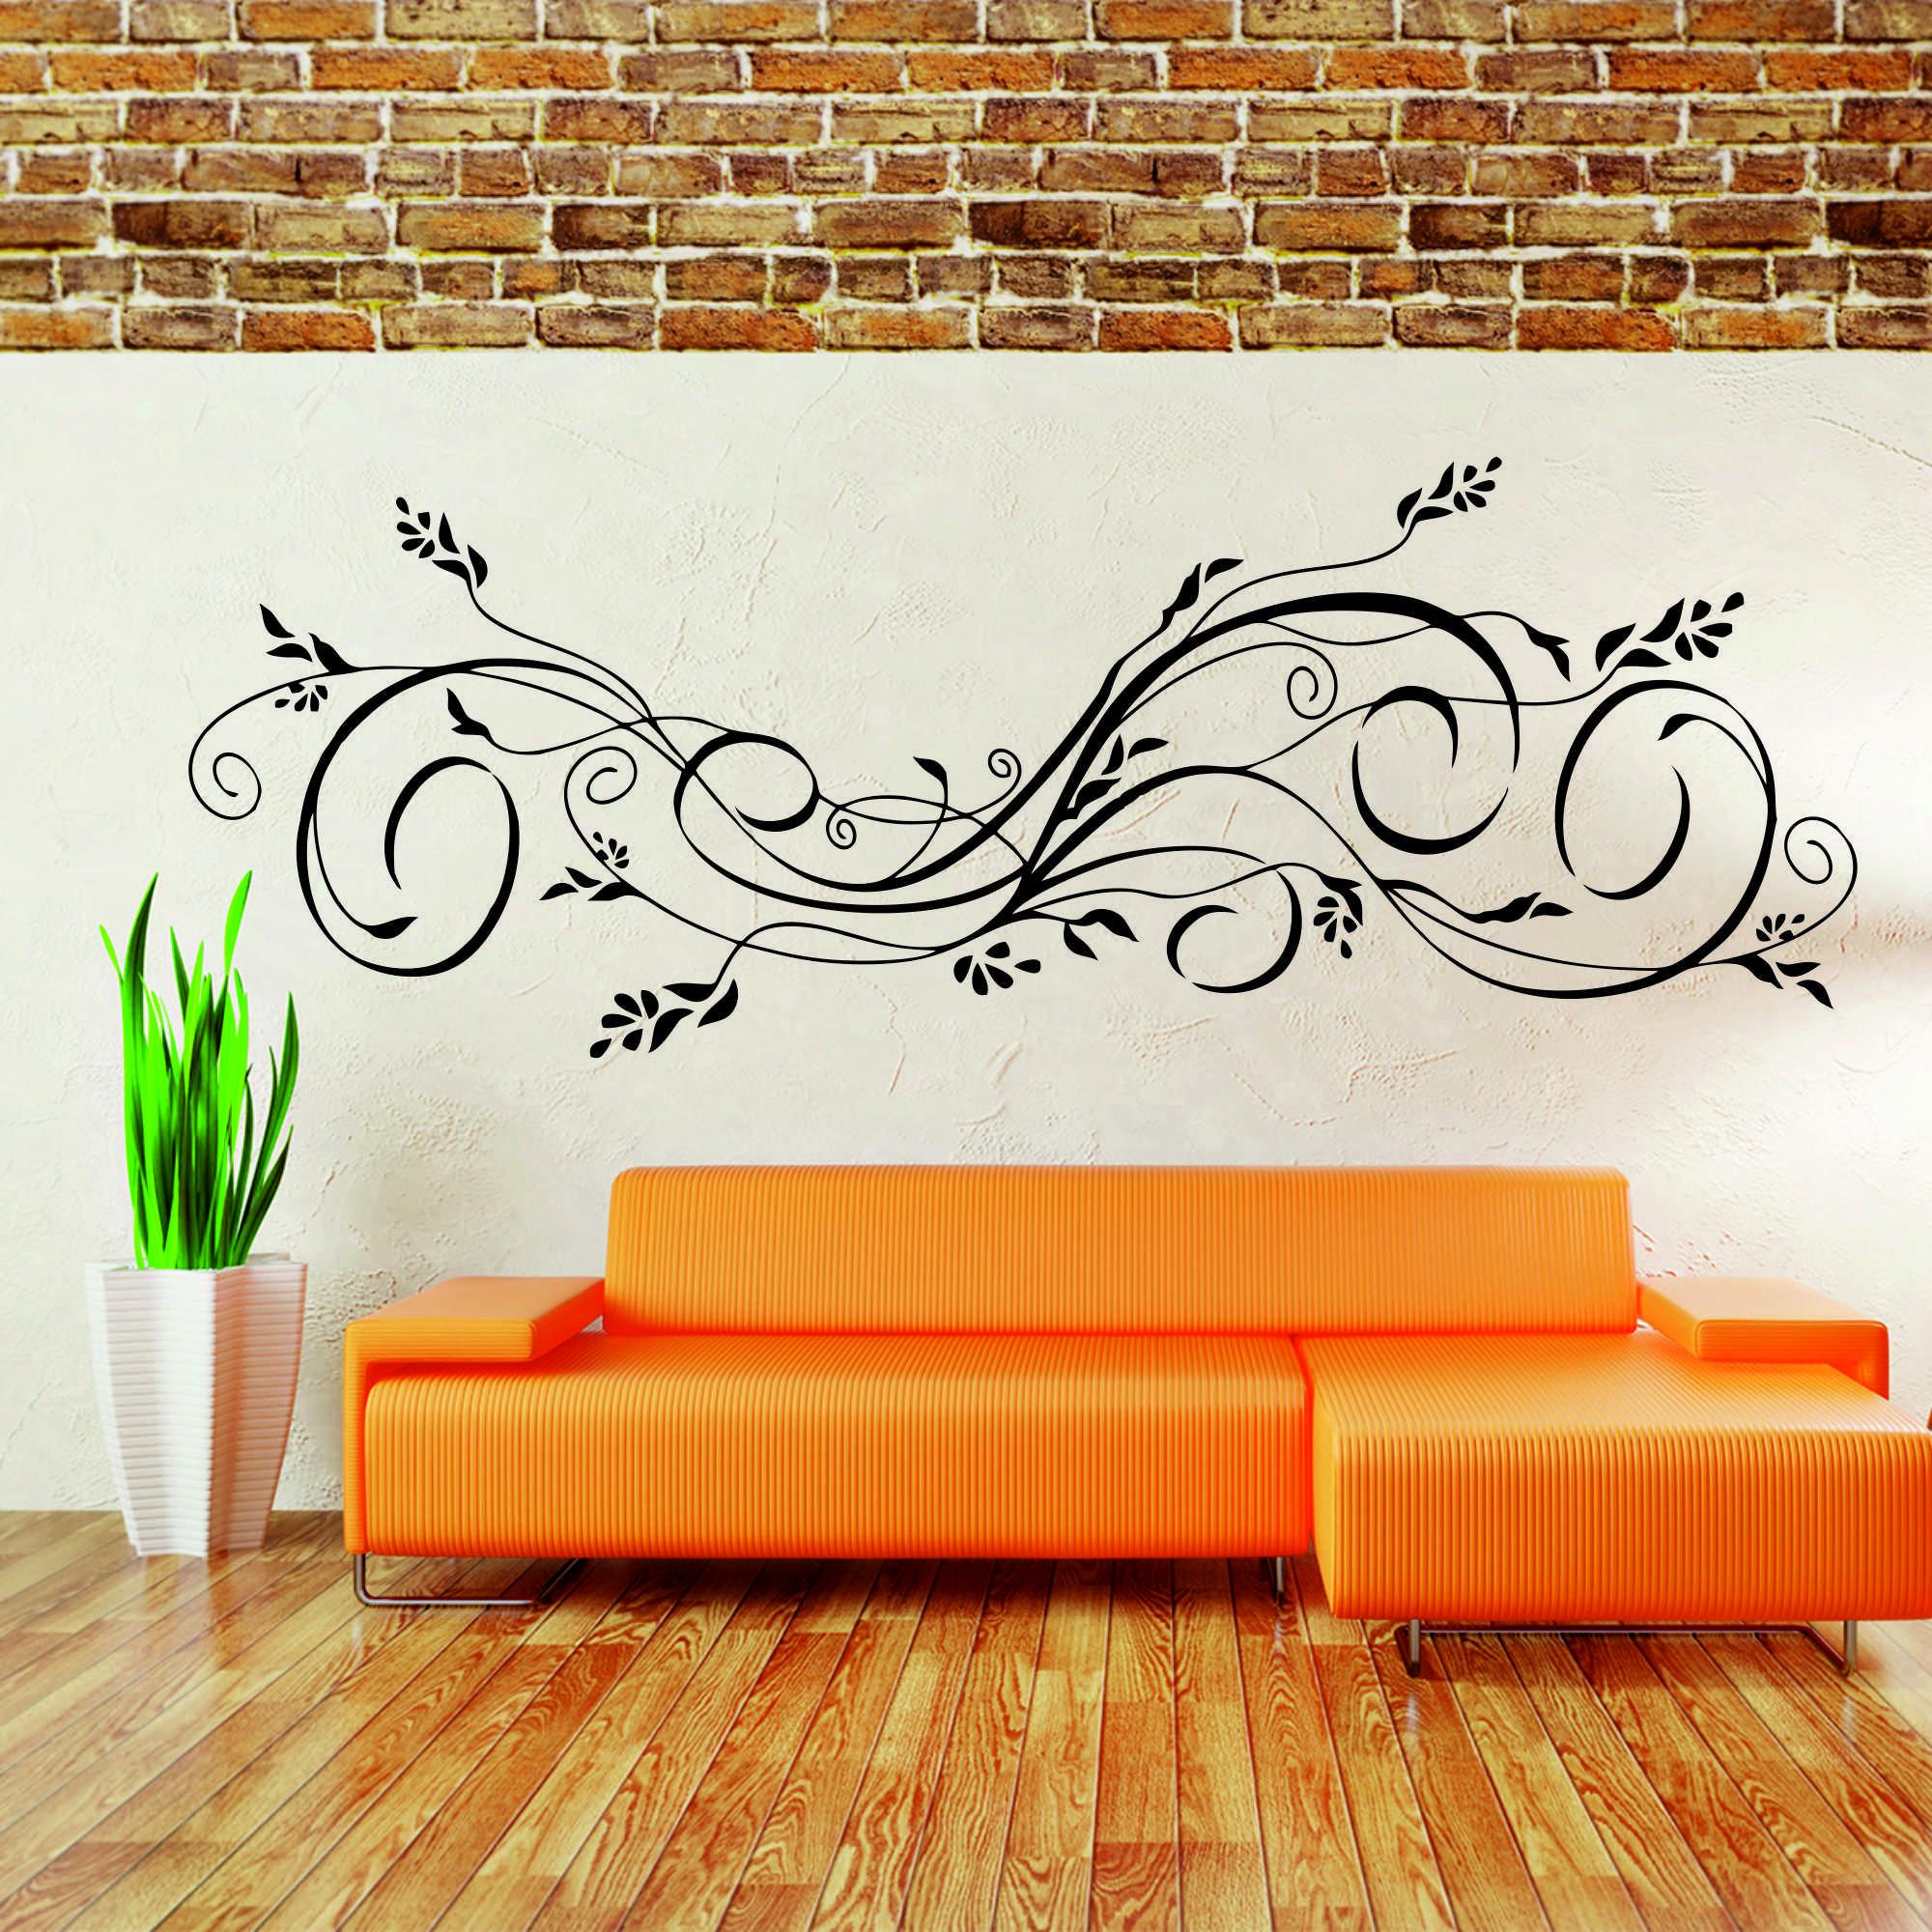 Samolepka na zeď - Květinový ornament 5 - 60x22 cm - PopyDesign